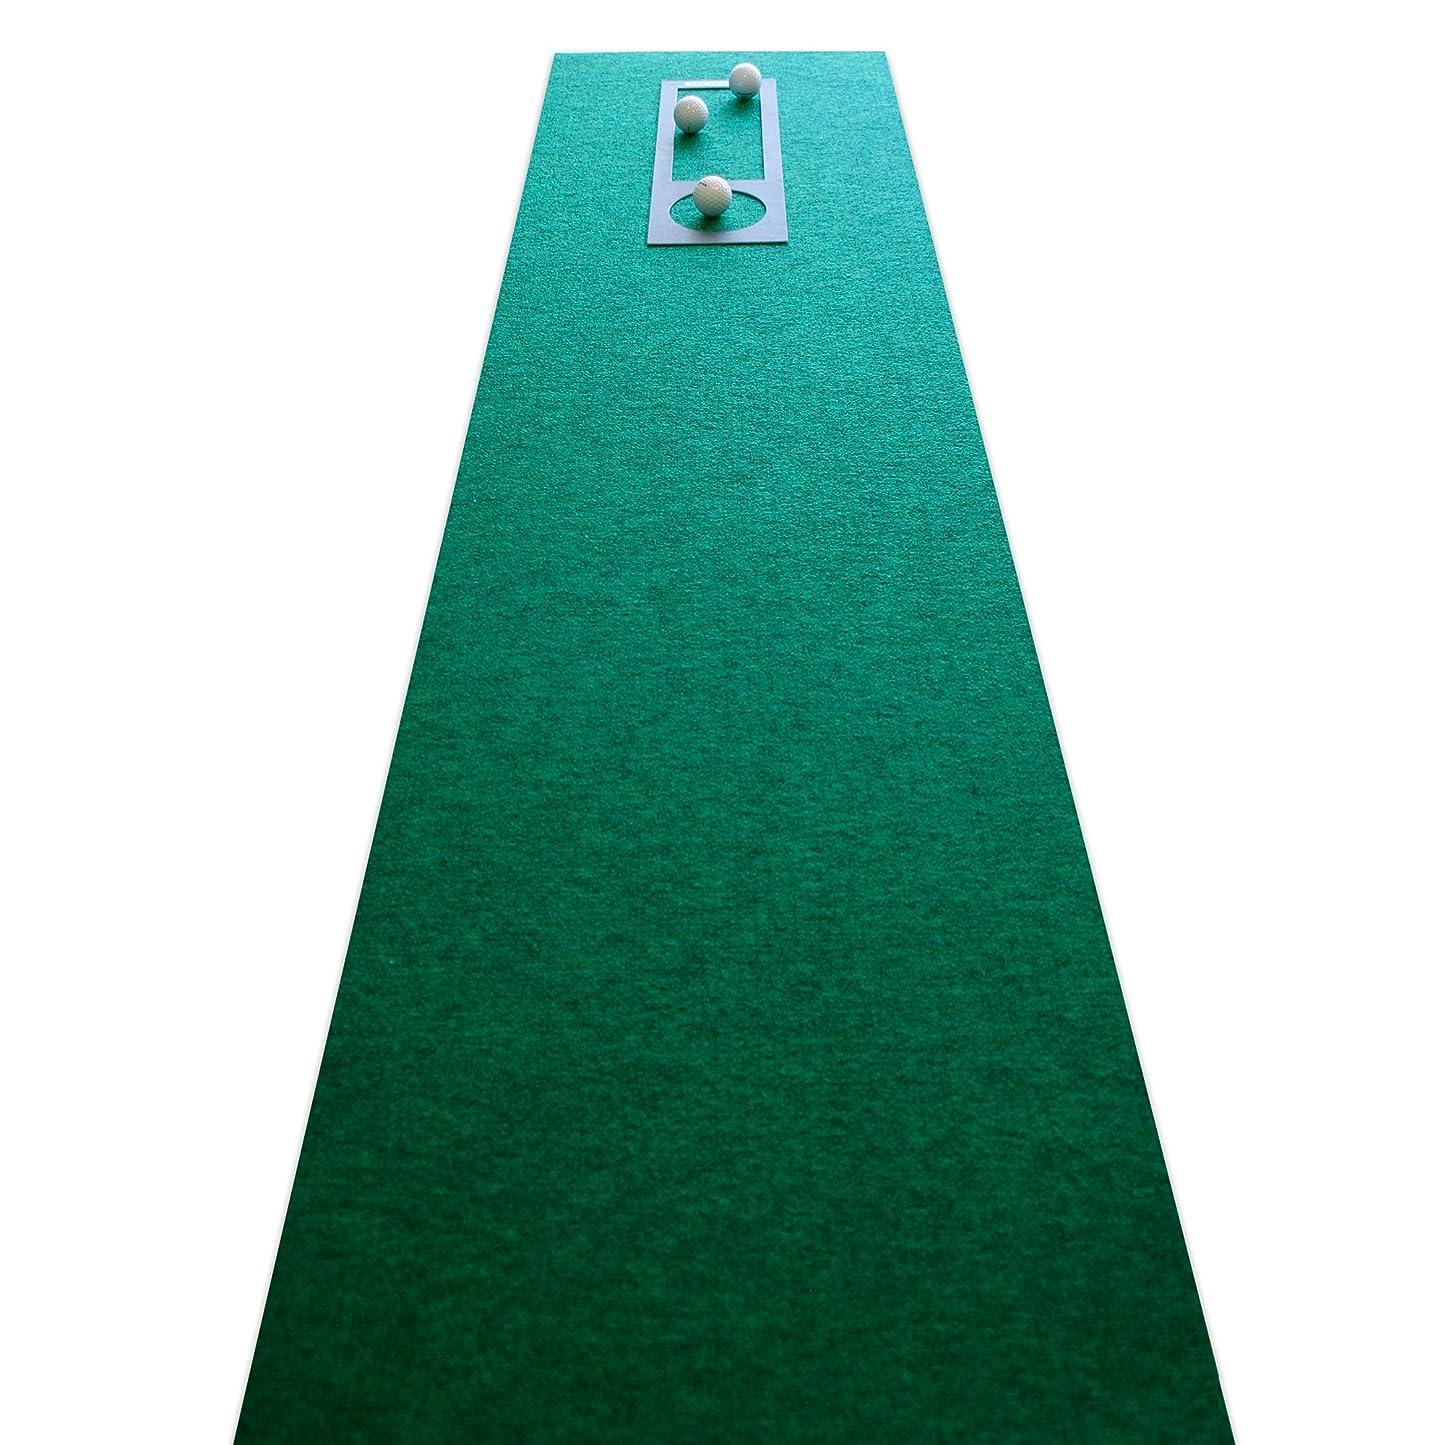 重要はちみつ犠牲パターマット工房PROゴルフショップ 45cm×5m EXPERT(距離感マスターカップ付き)